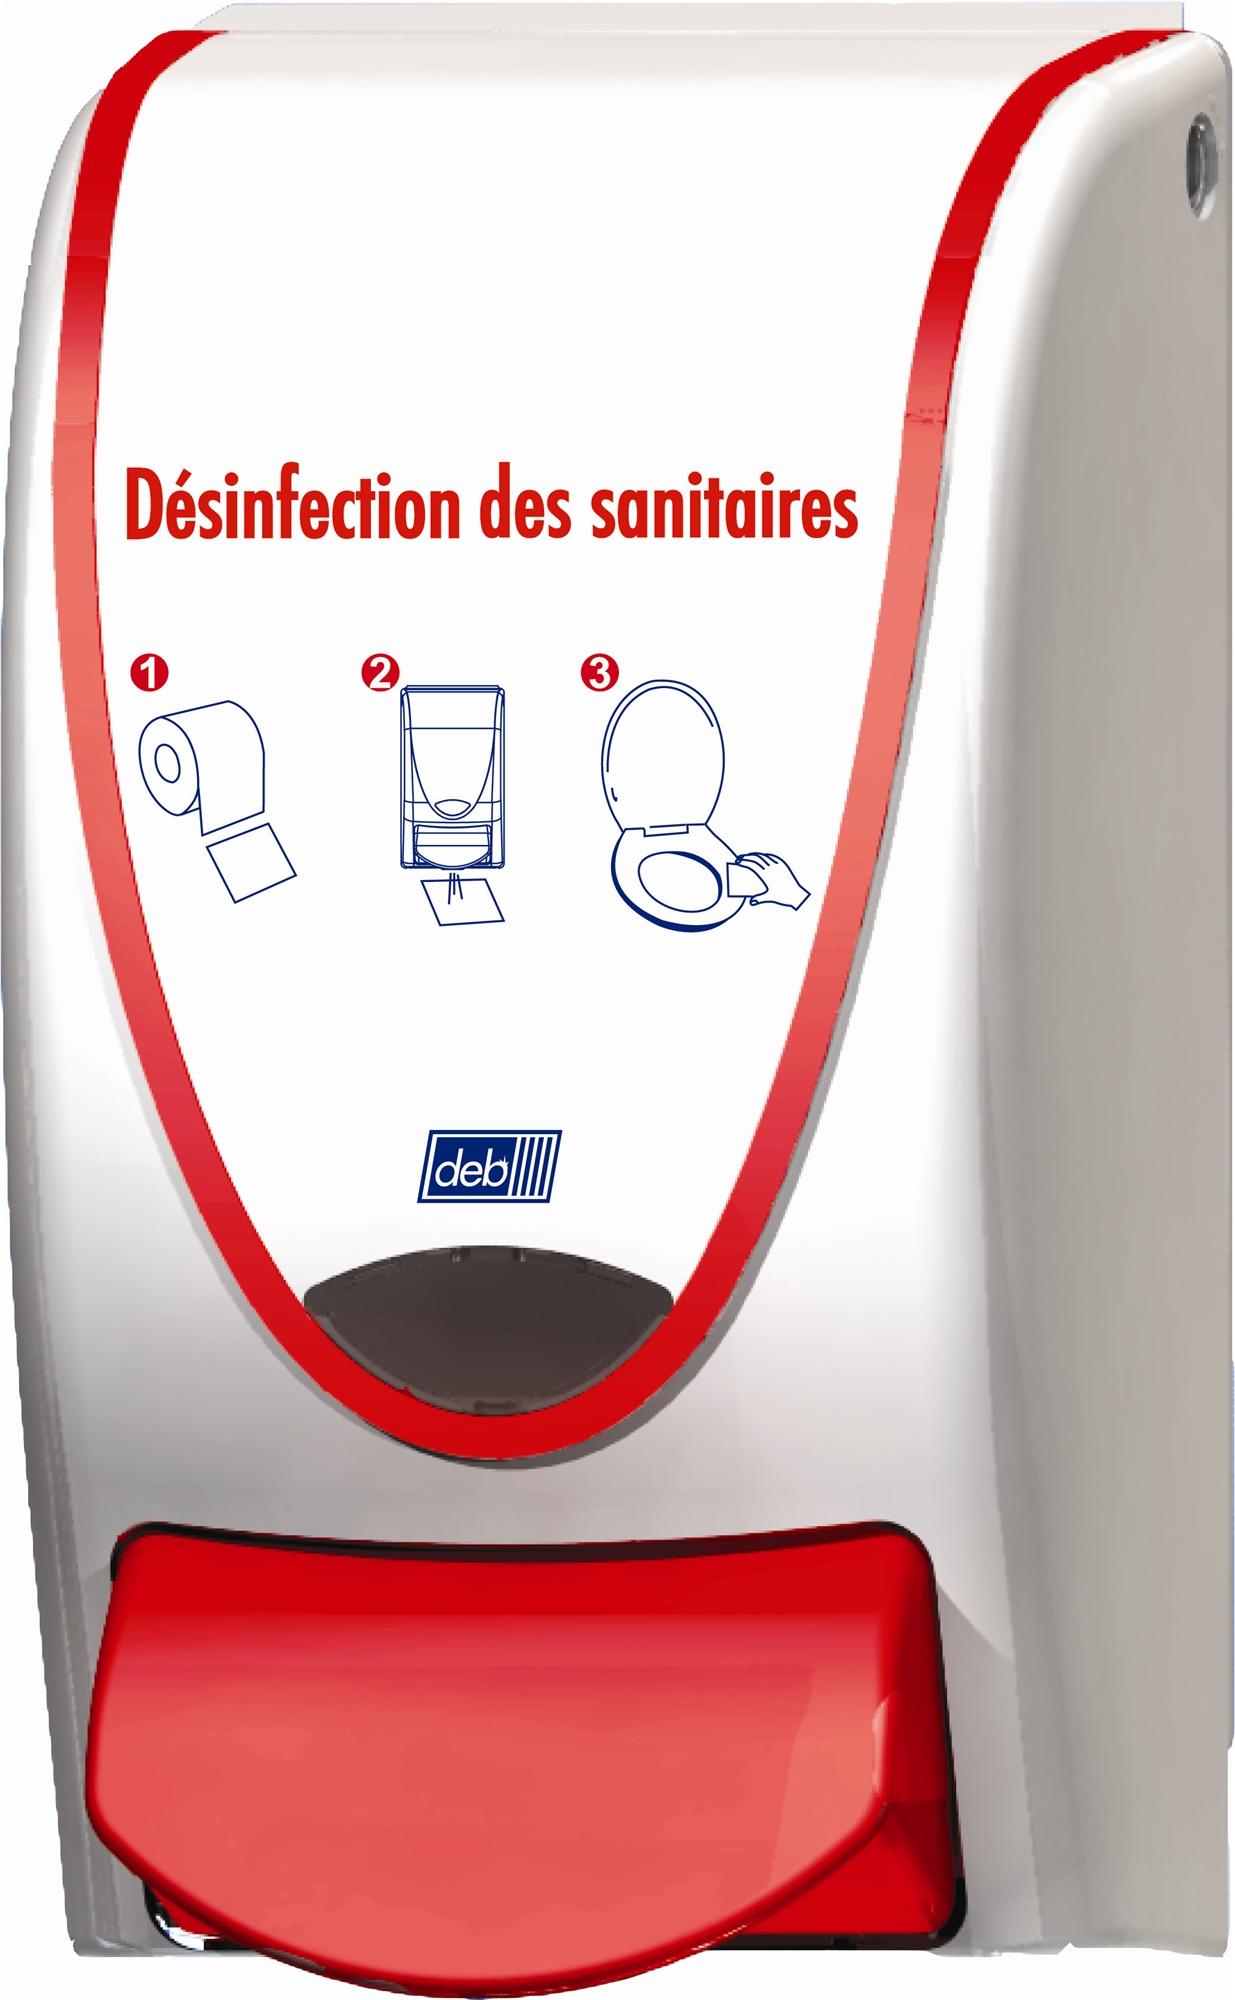 Toilet Cleaner Dispenser Deb